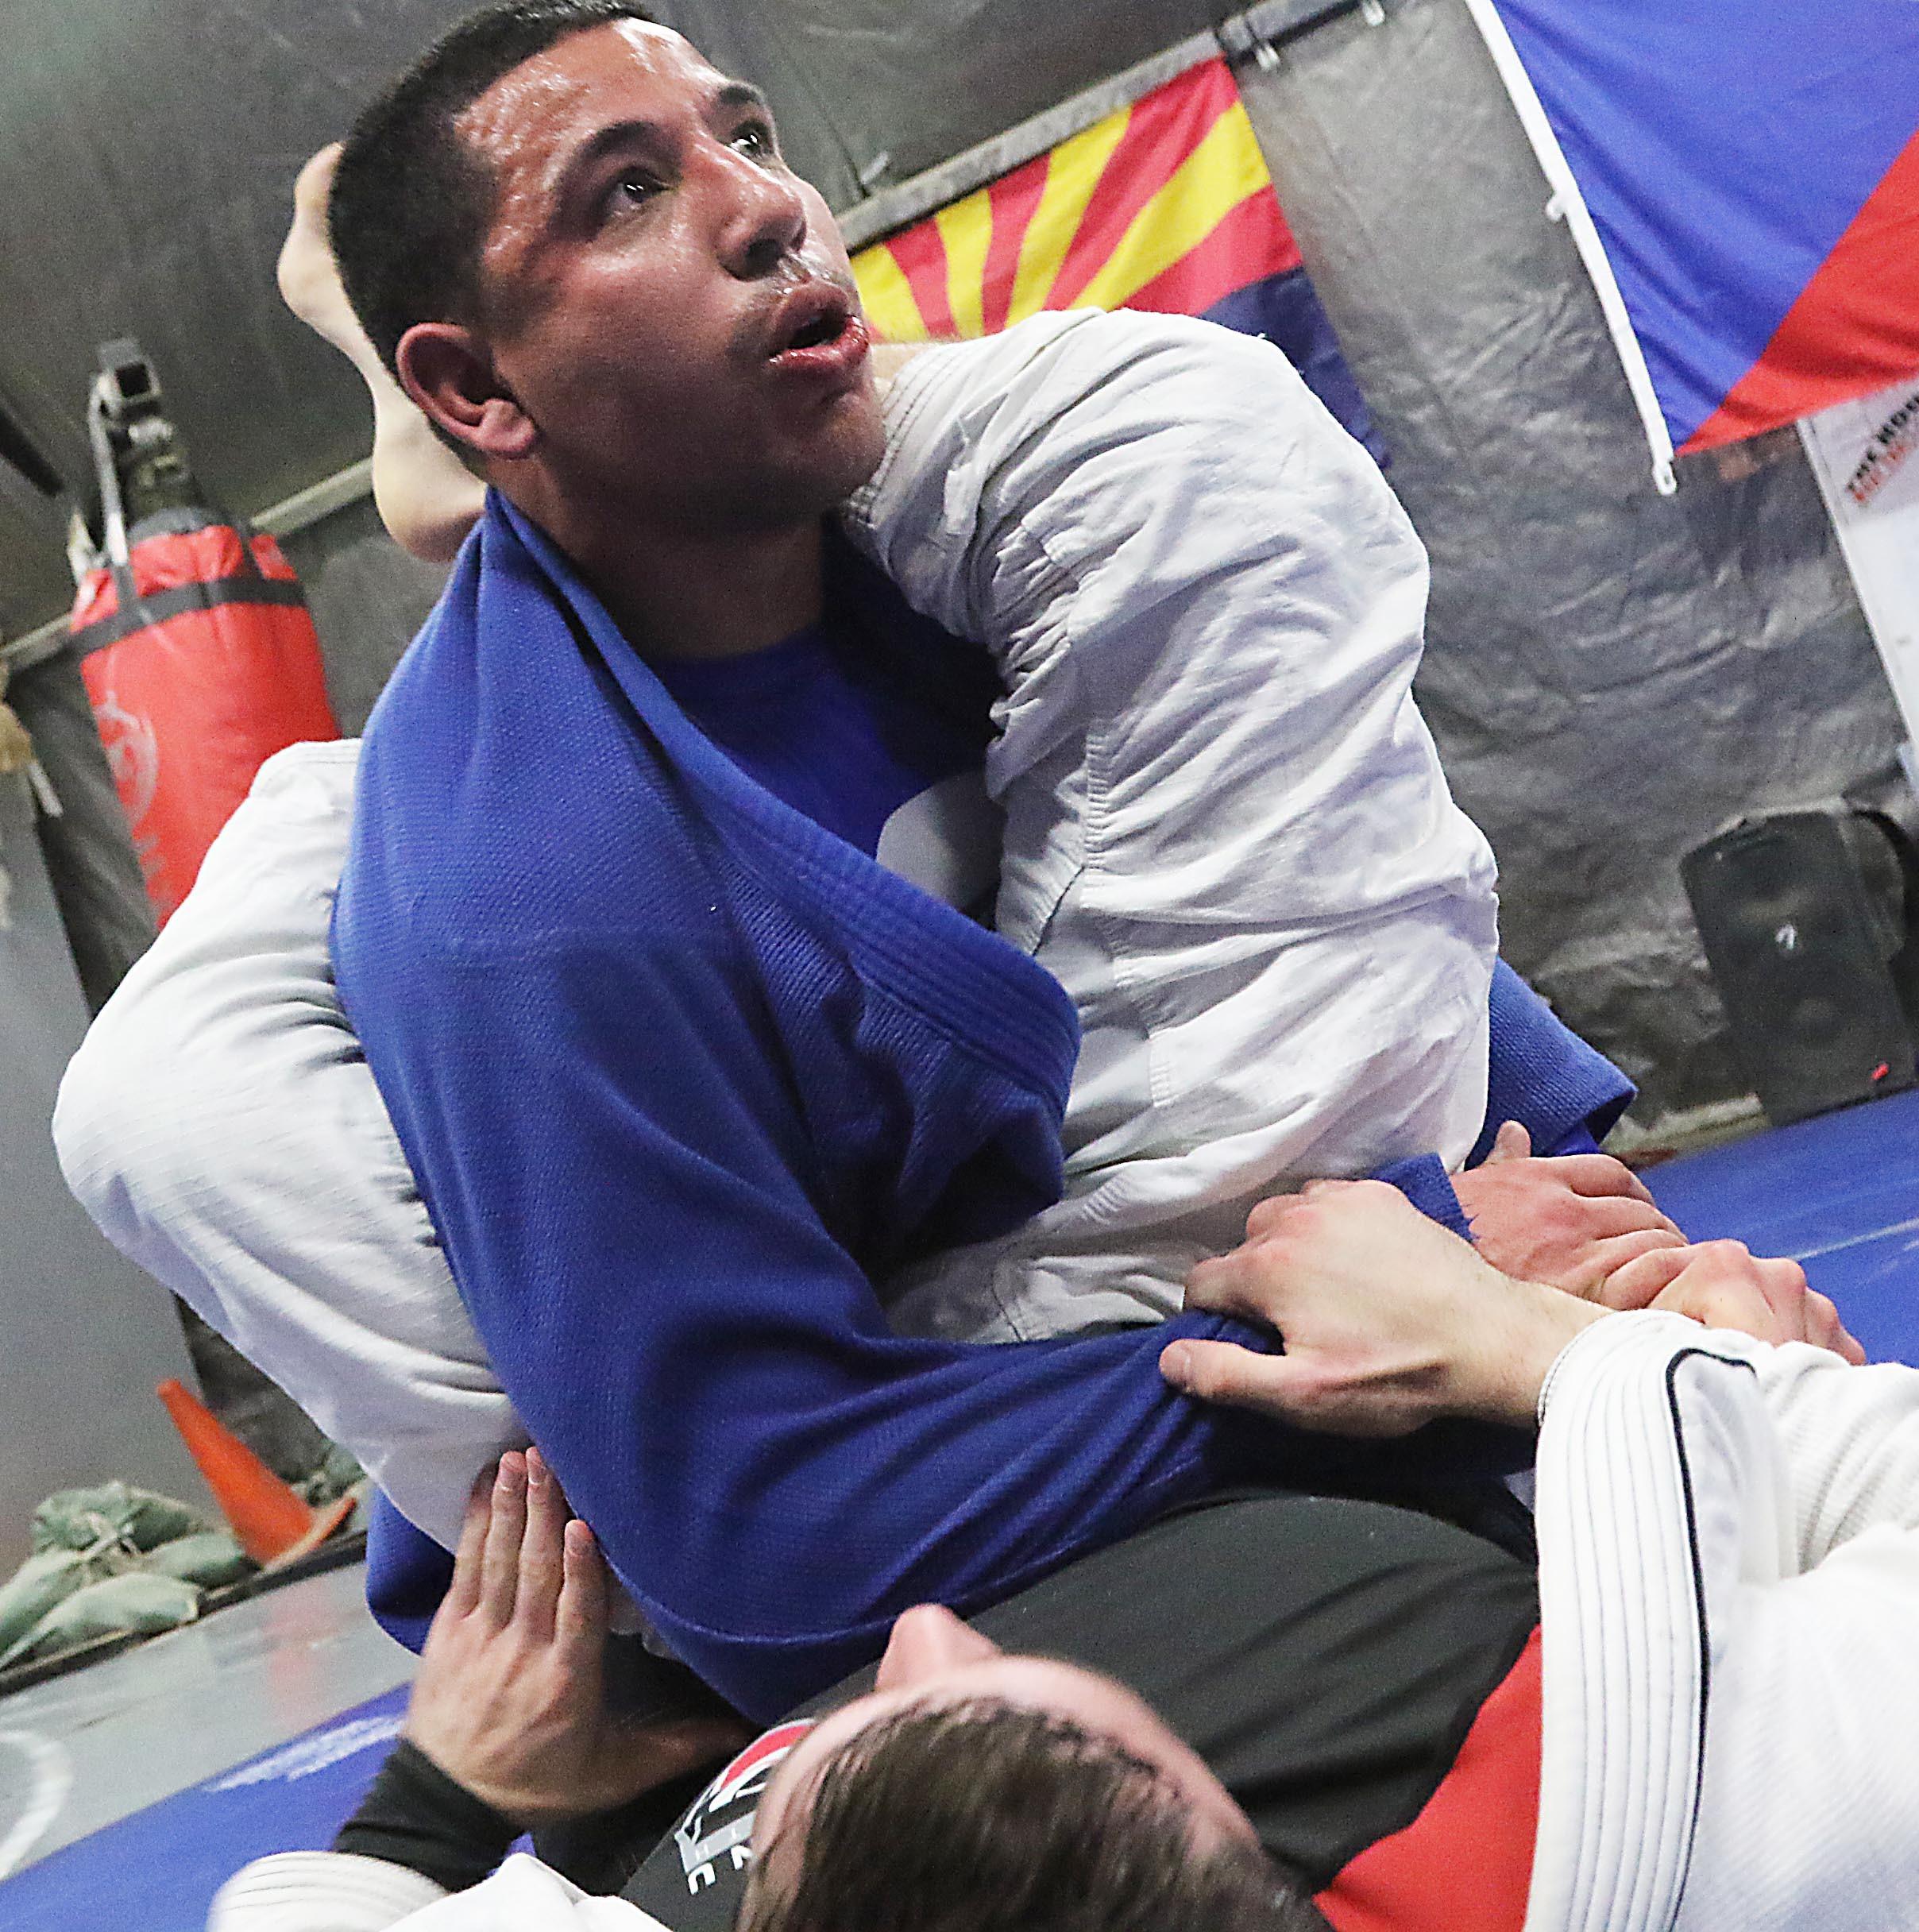 Brazilian Jiu-Jitsu offers Soldiers a change in routine